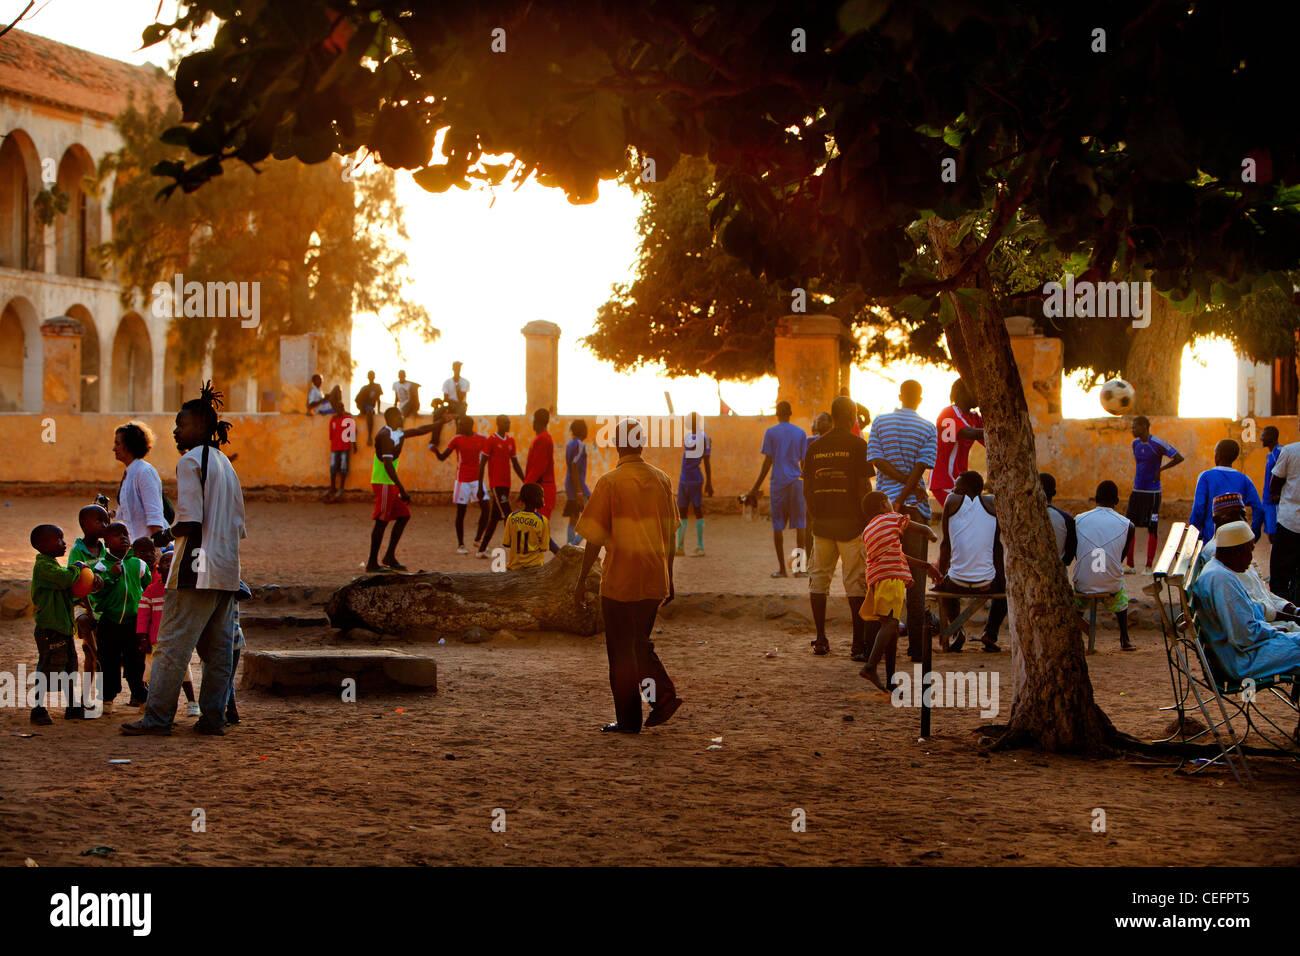 Fútbol en la plaza principal de la isla de Gorée, Senegal. Imagen De Stock